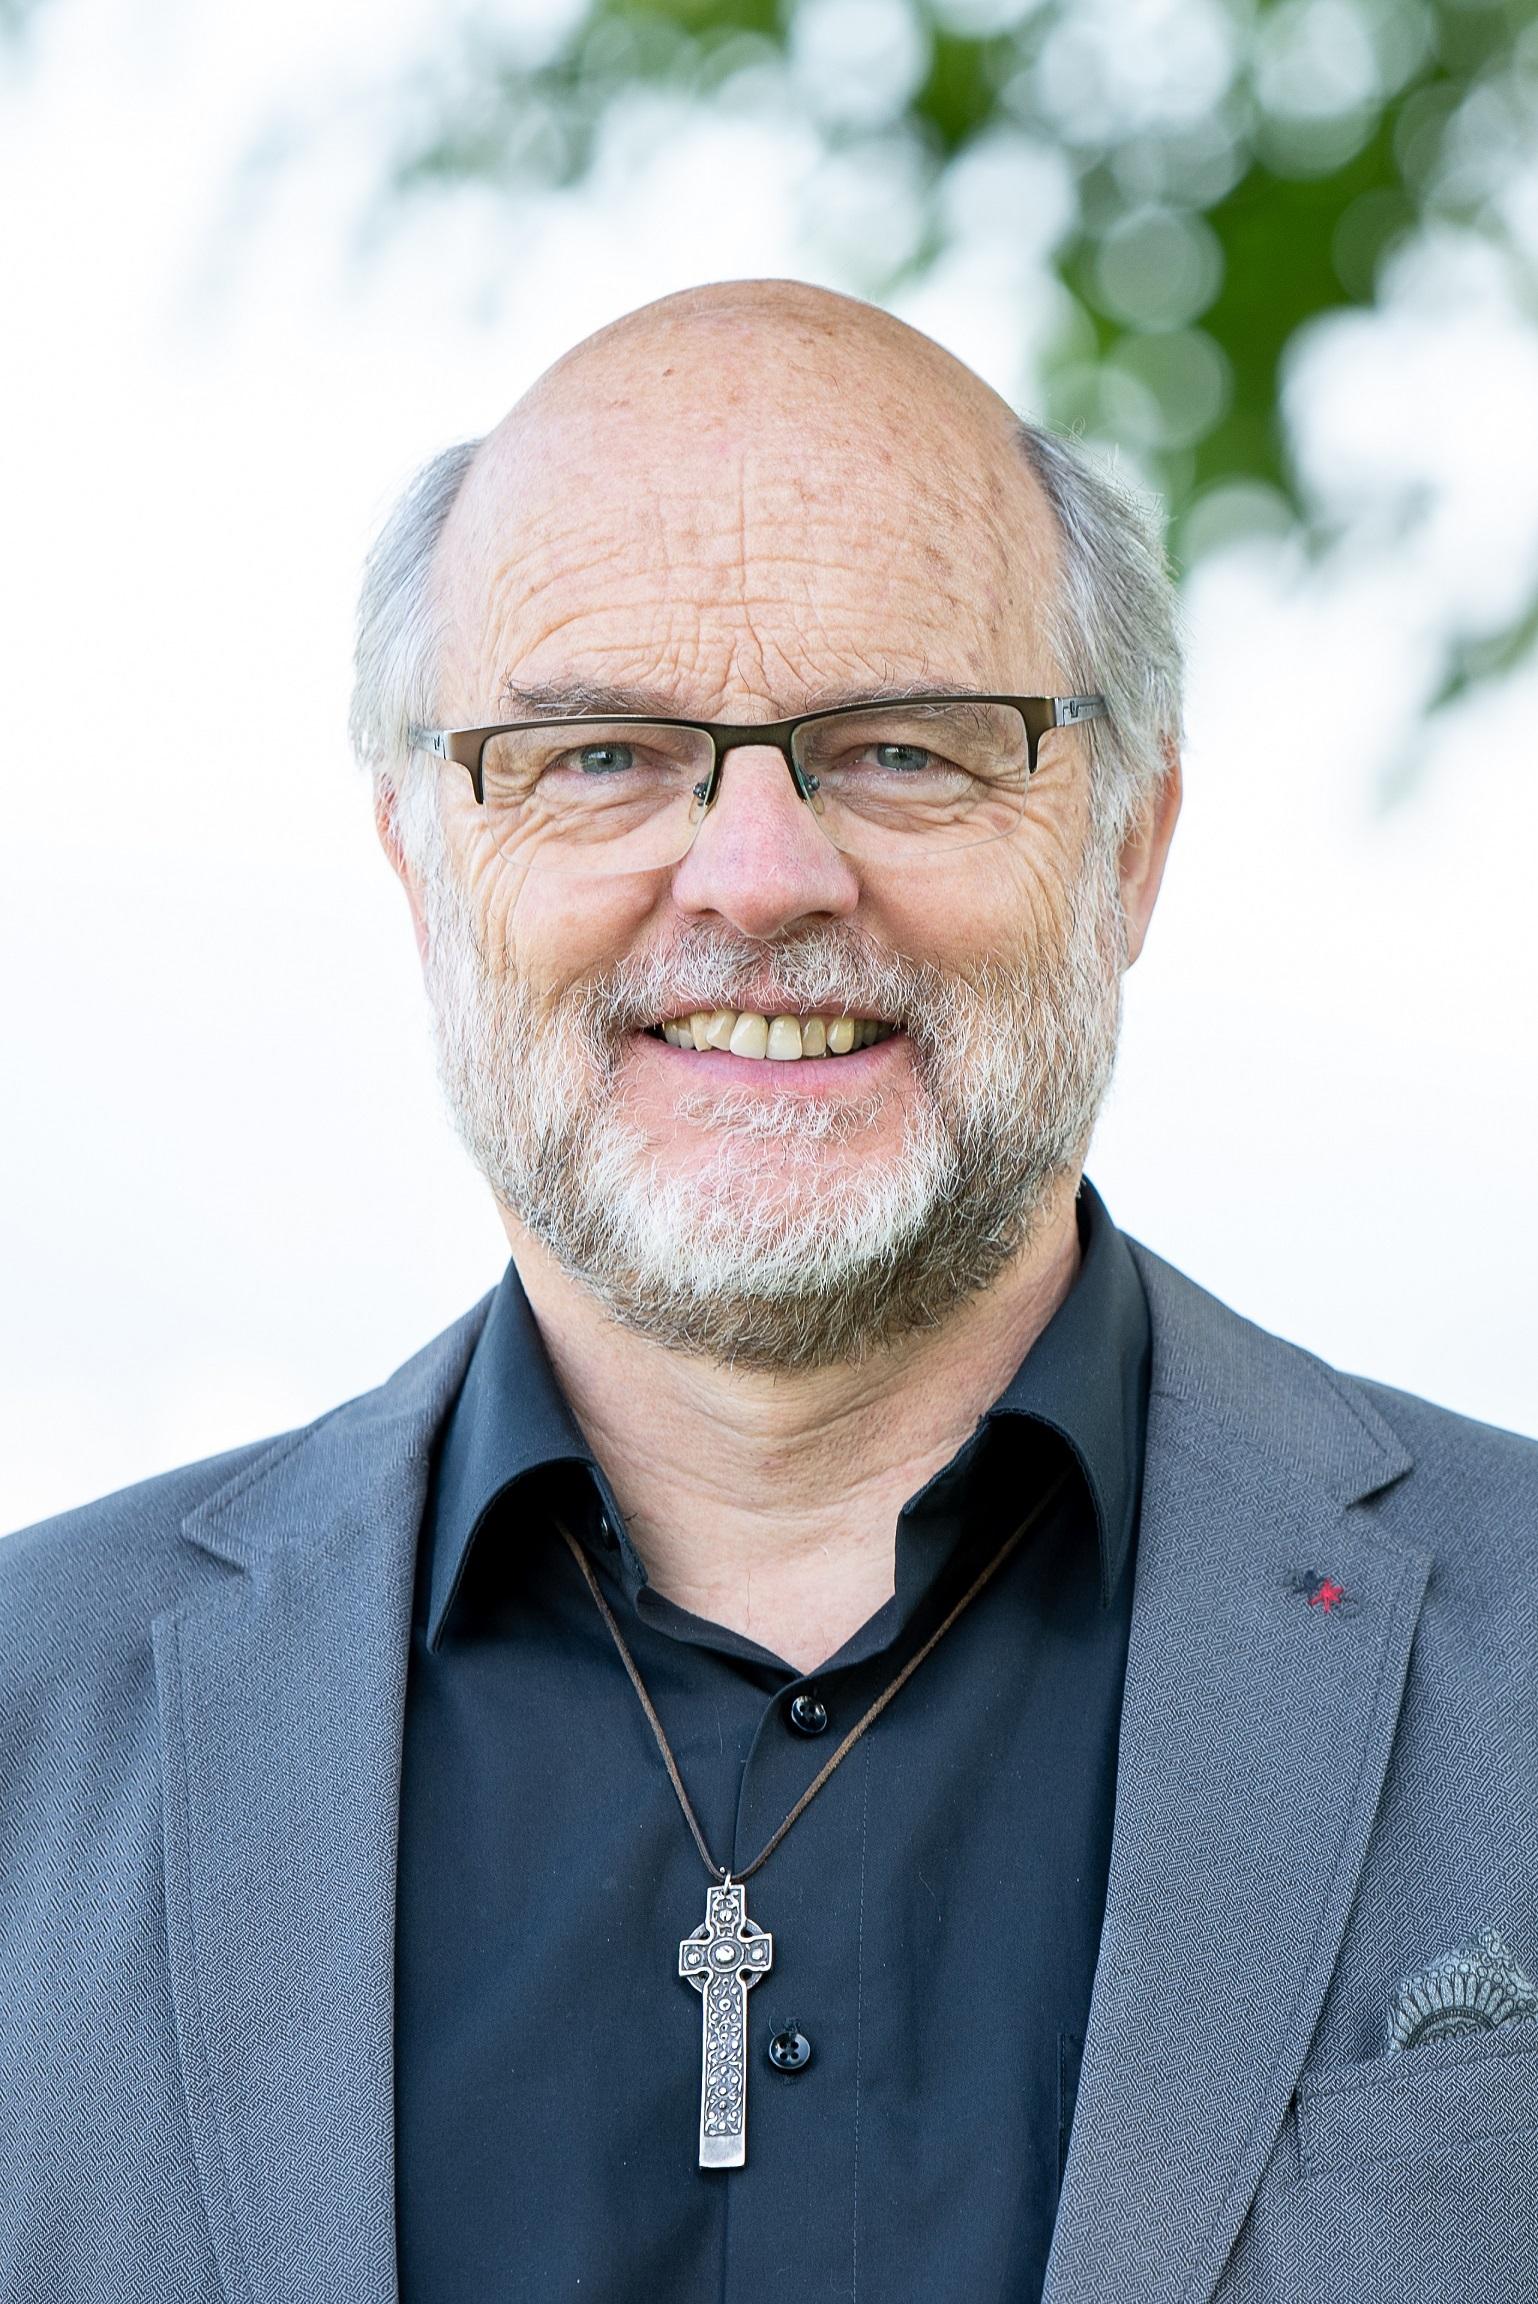 Samuel Dietiker Mai 2020 klein Zofingen